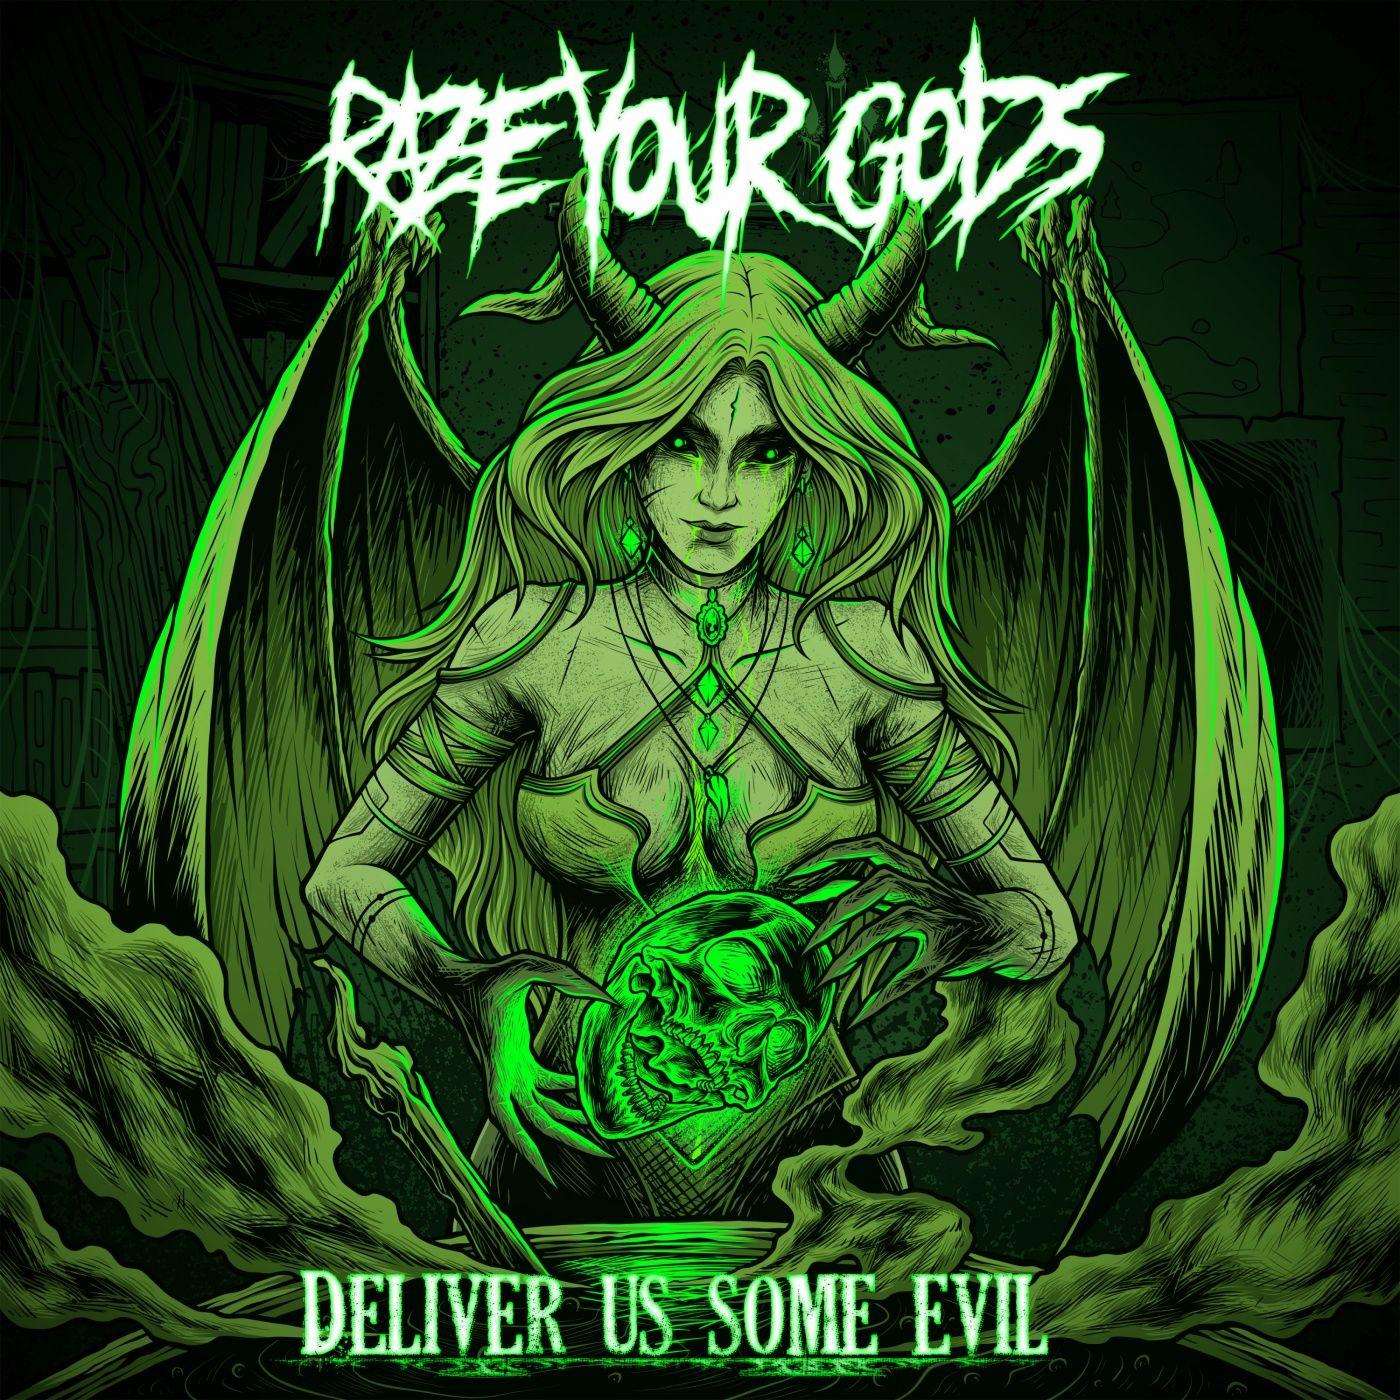 Raze Your Gods - Deliver Us Some Evil (2019)